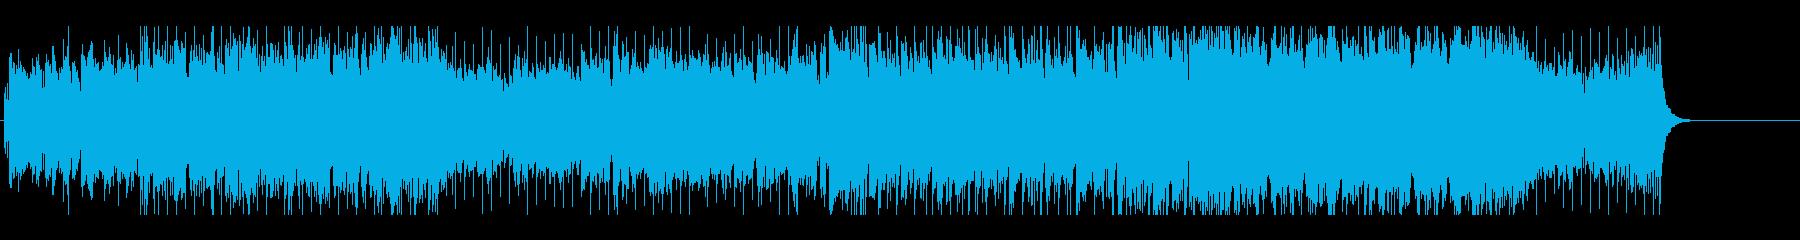 都会 ディスコ 挑戦 スピード スリルの再生済みの波形